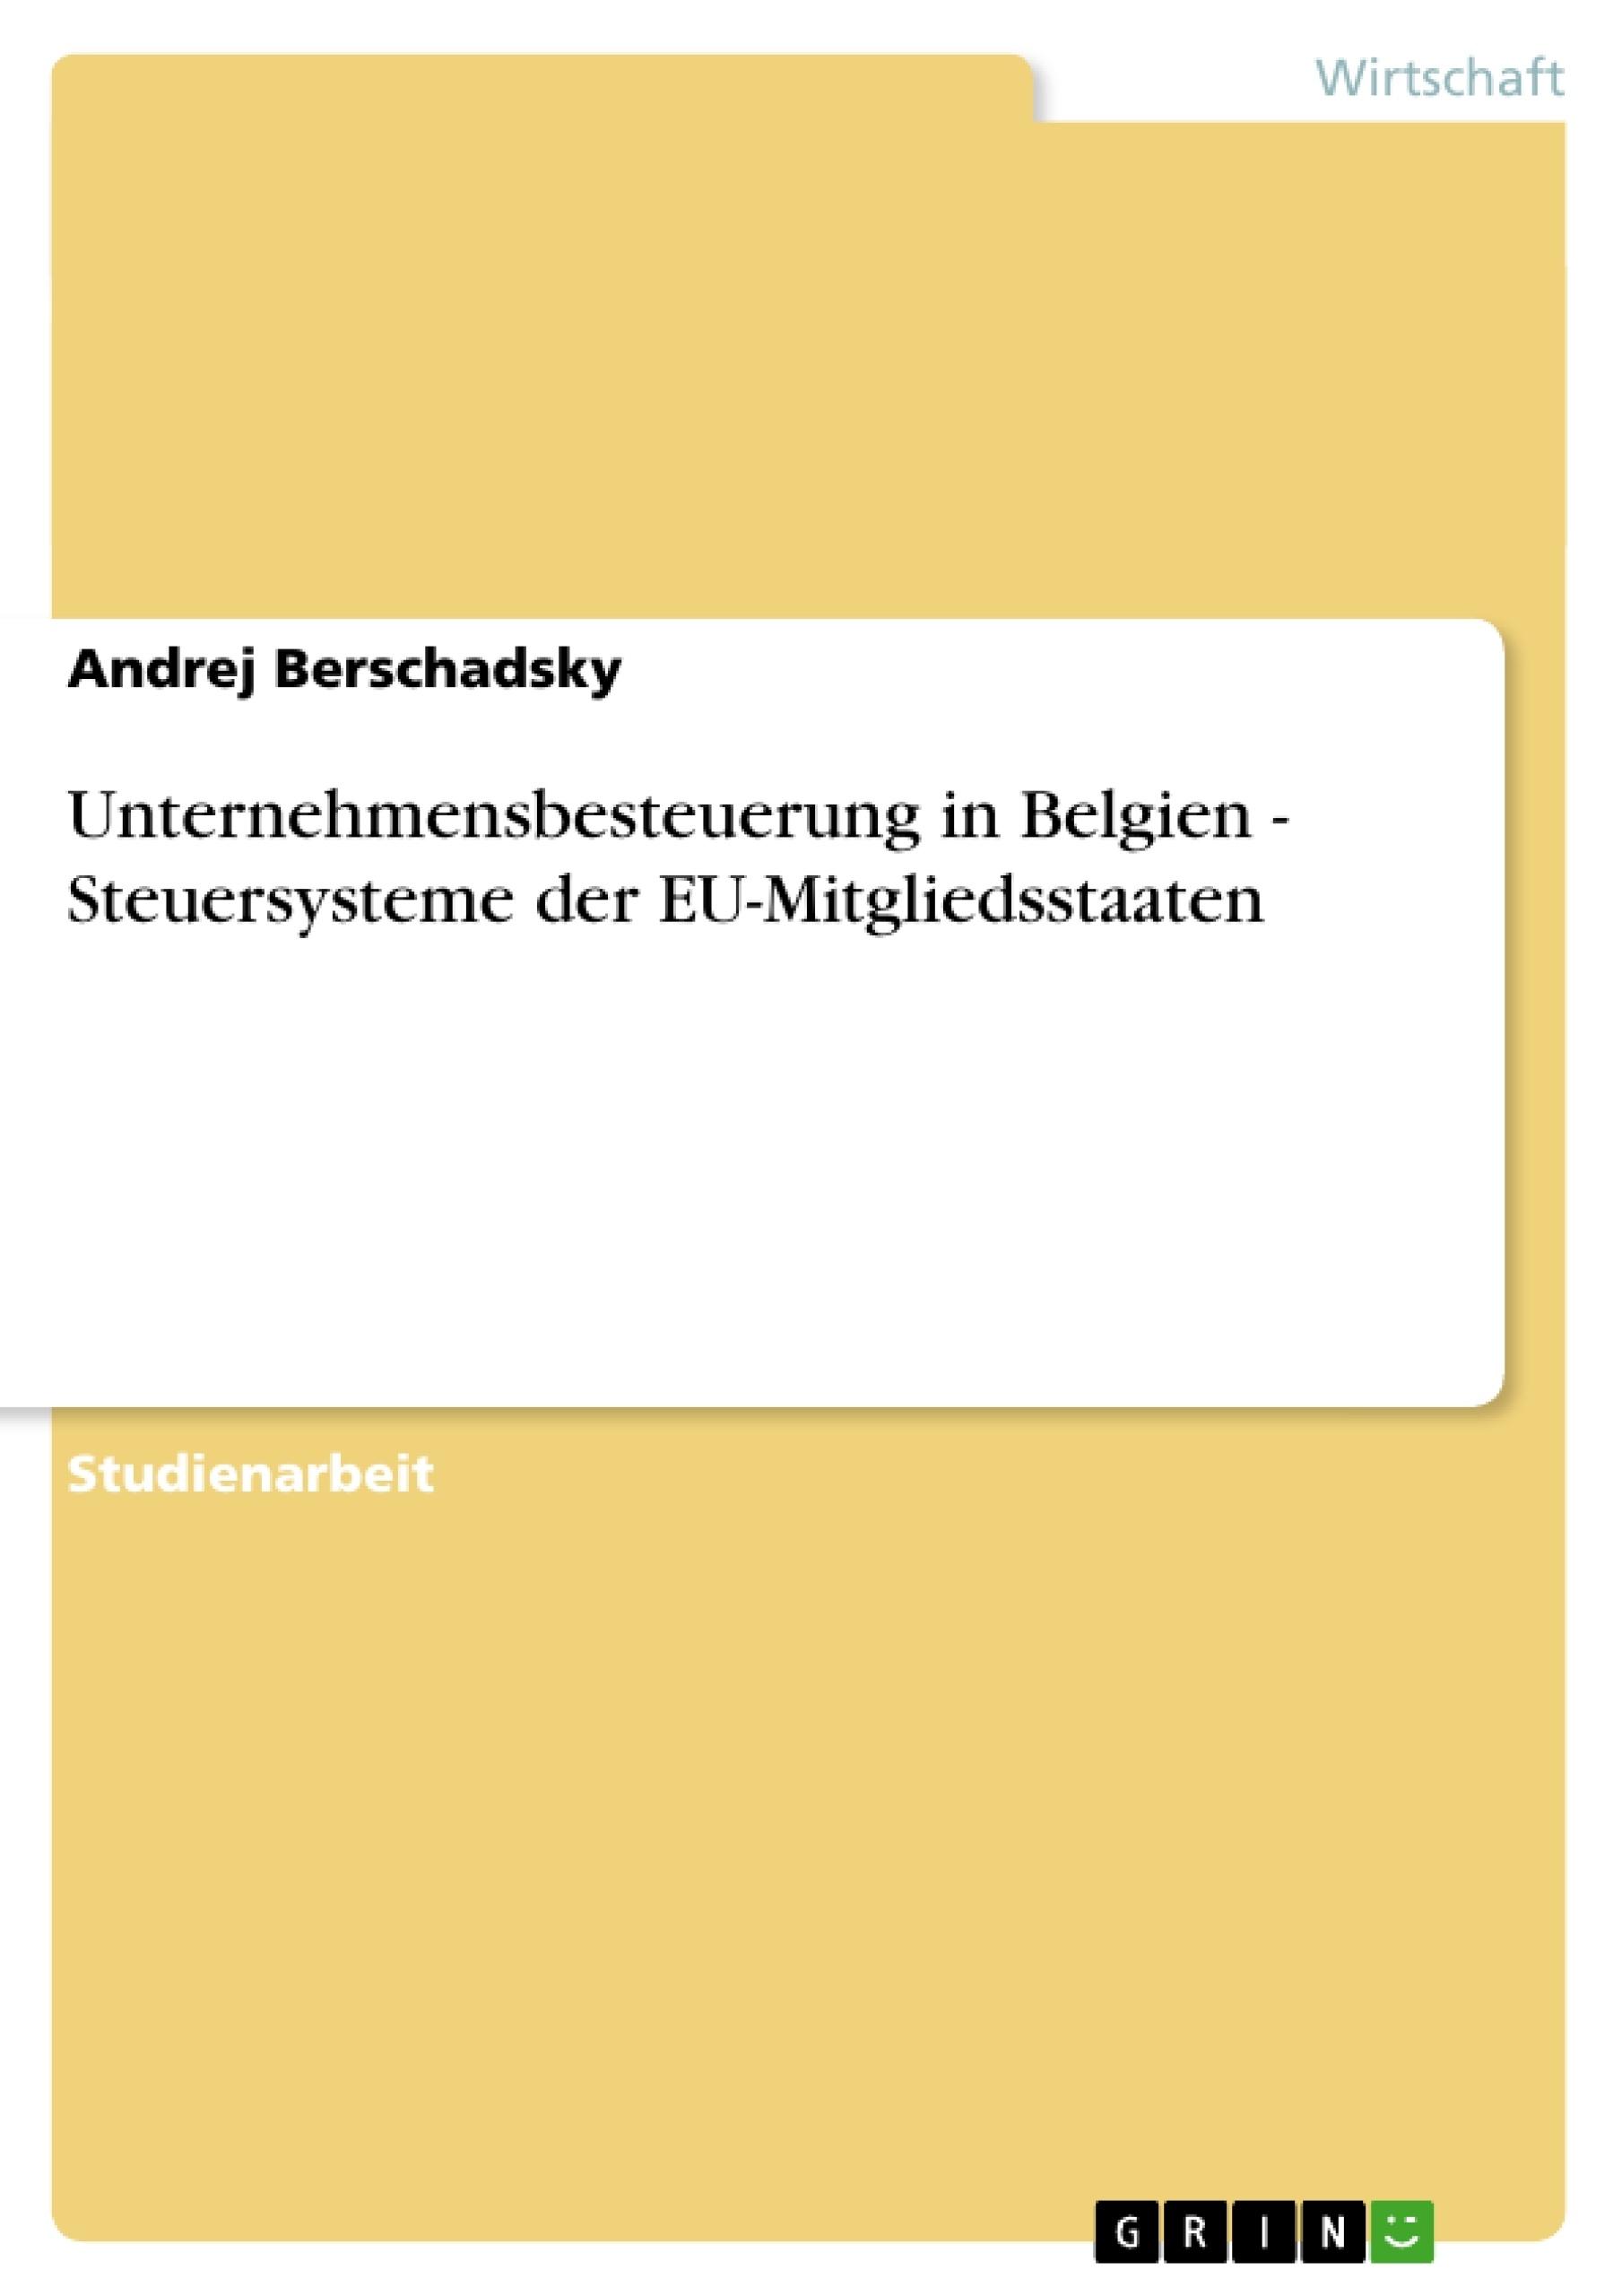 Titel: Unternehmensbesteuerung in Belgien - Steuersysteme der EU-Mitgliedsstaaten